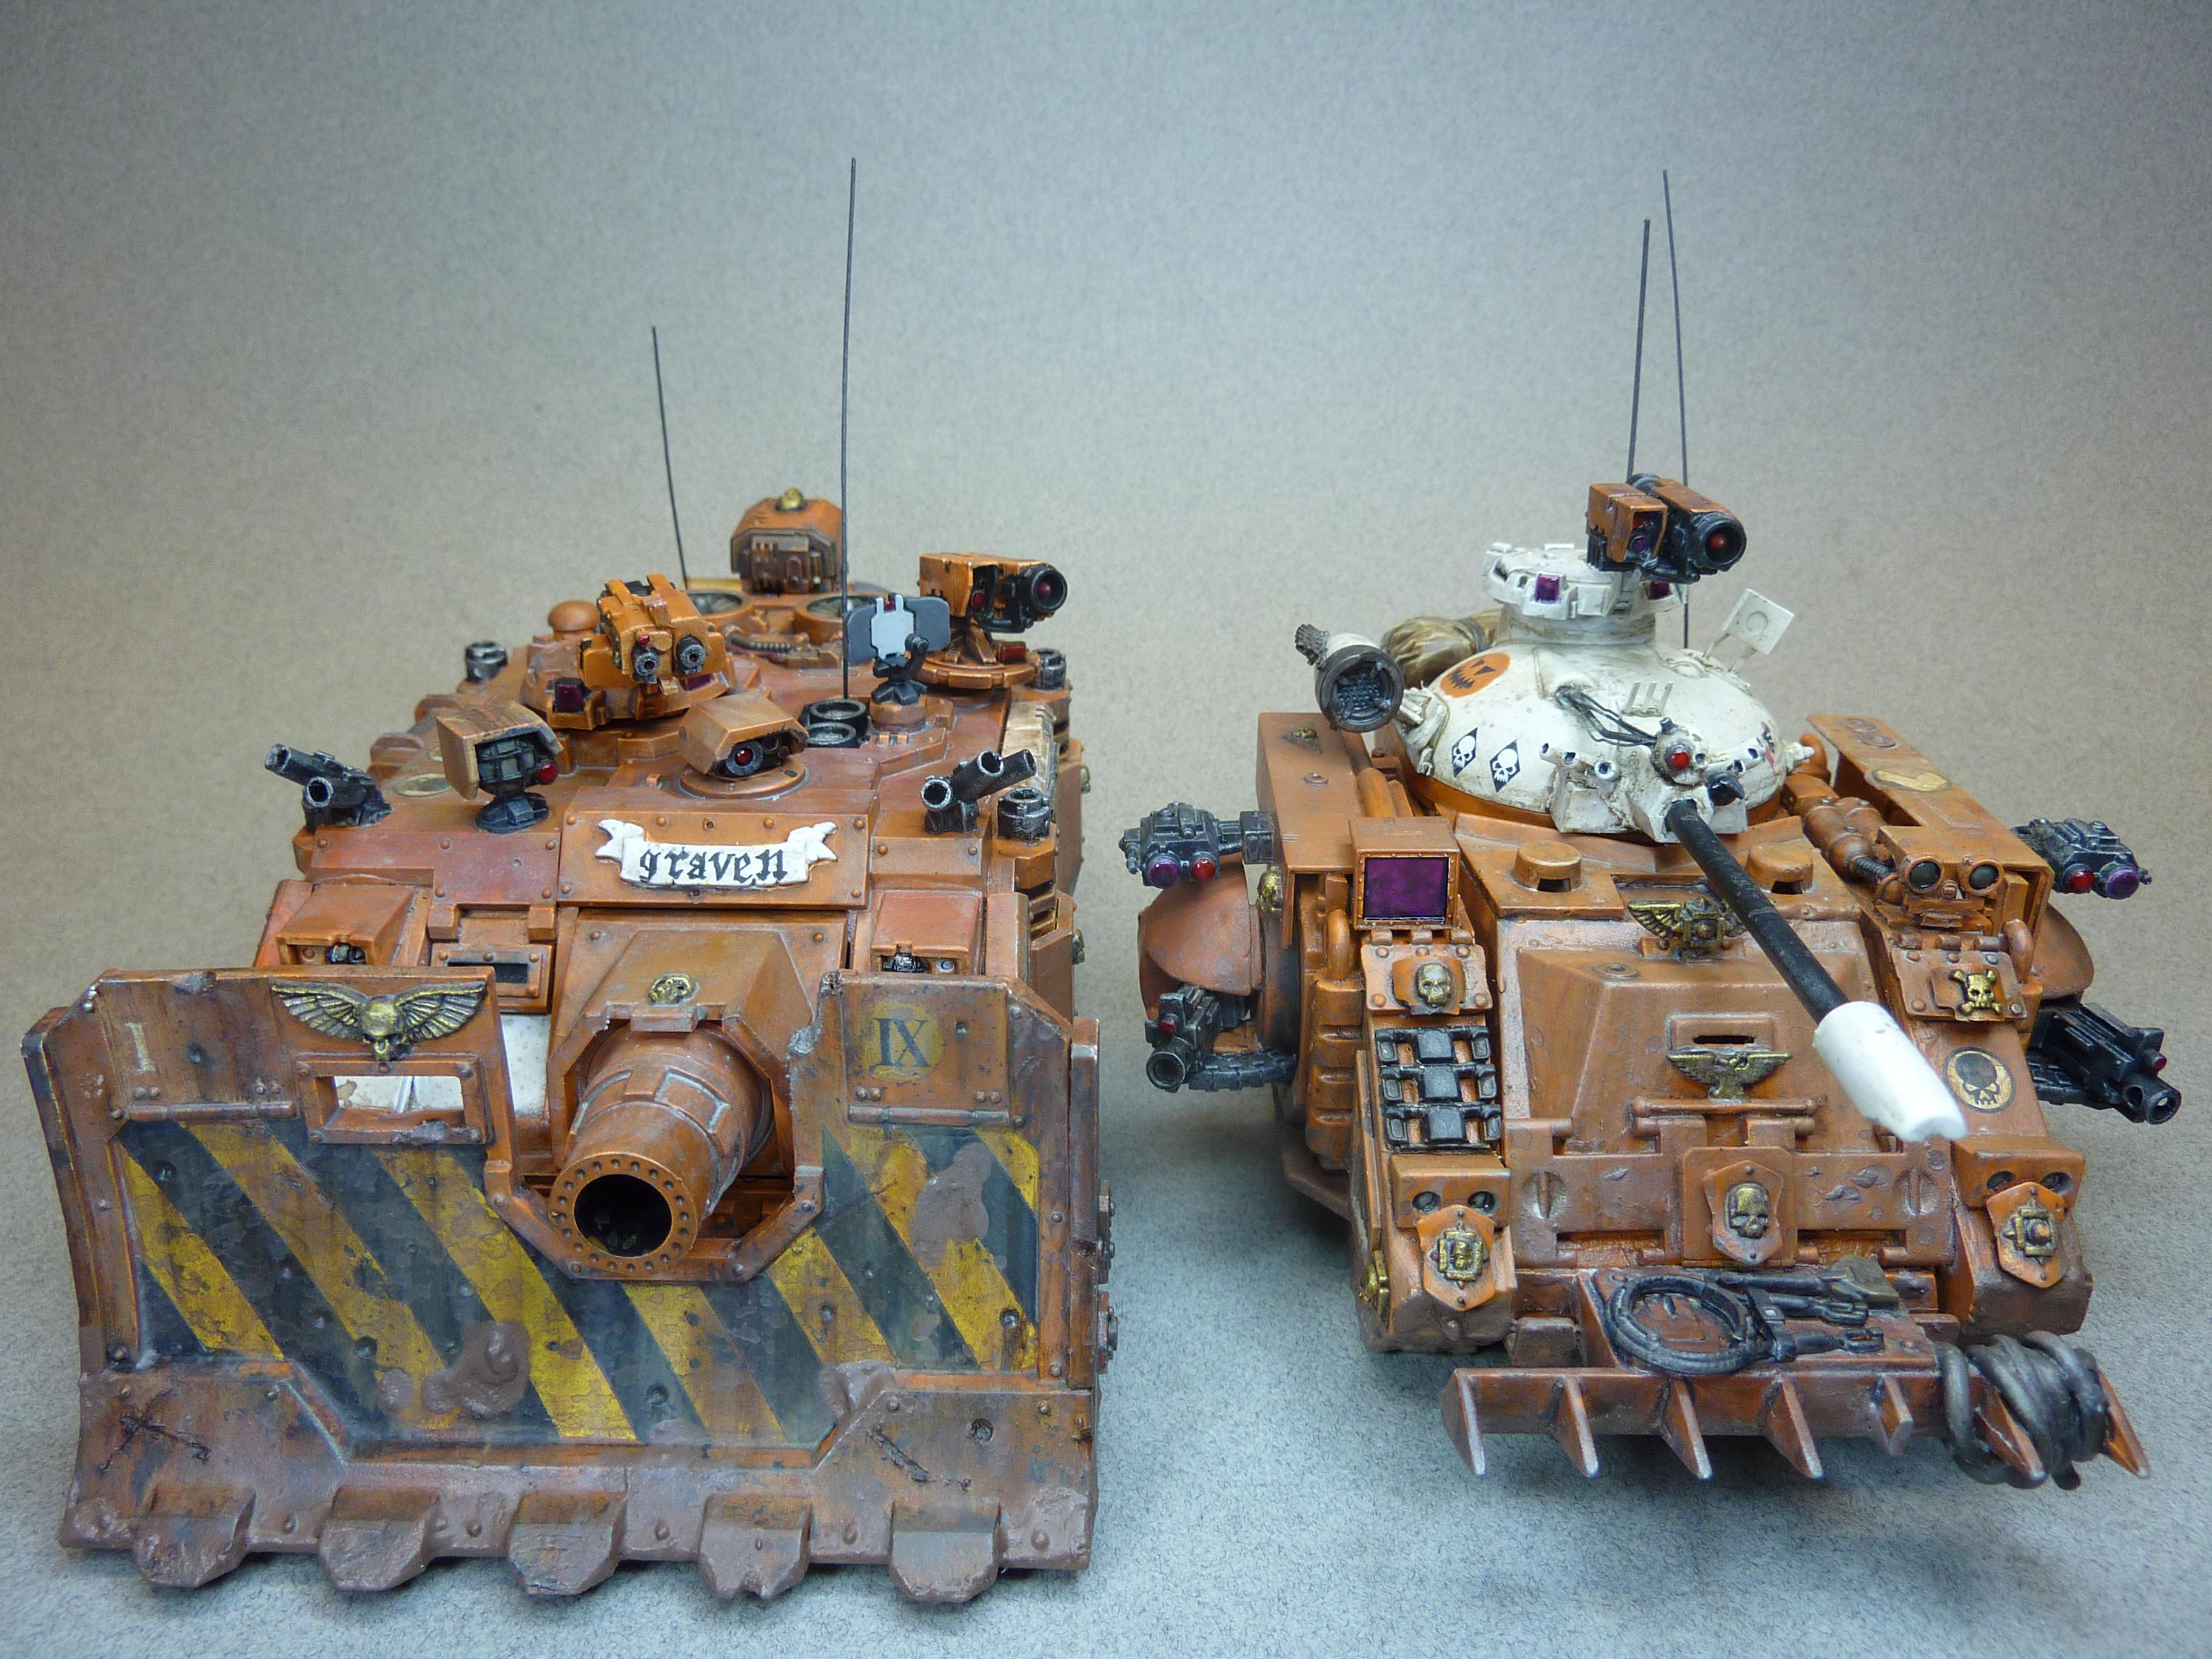 Predator, Space Marines, Vindicator, Warhammer 40,000